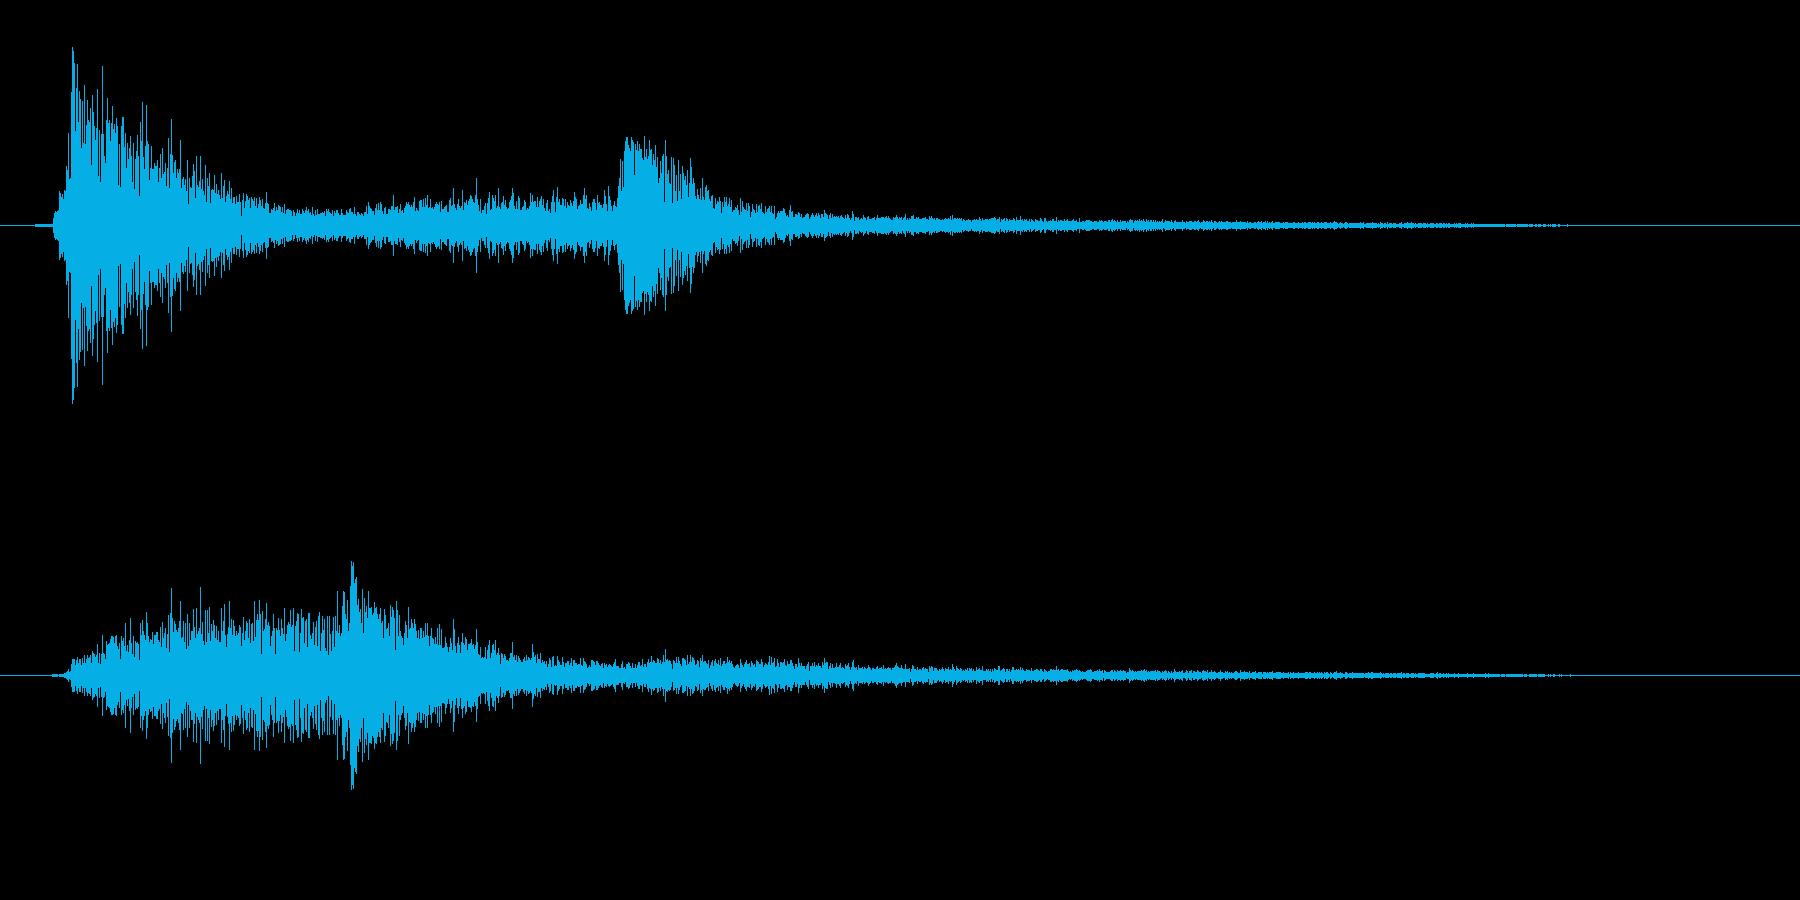 カシャン(金属製の道具の落下音)の再生済みの波形